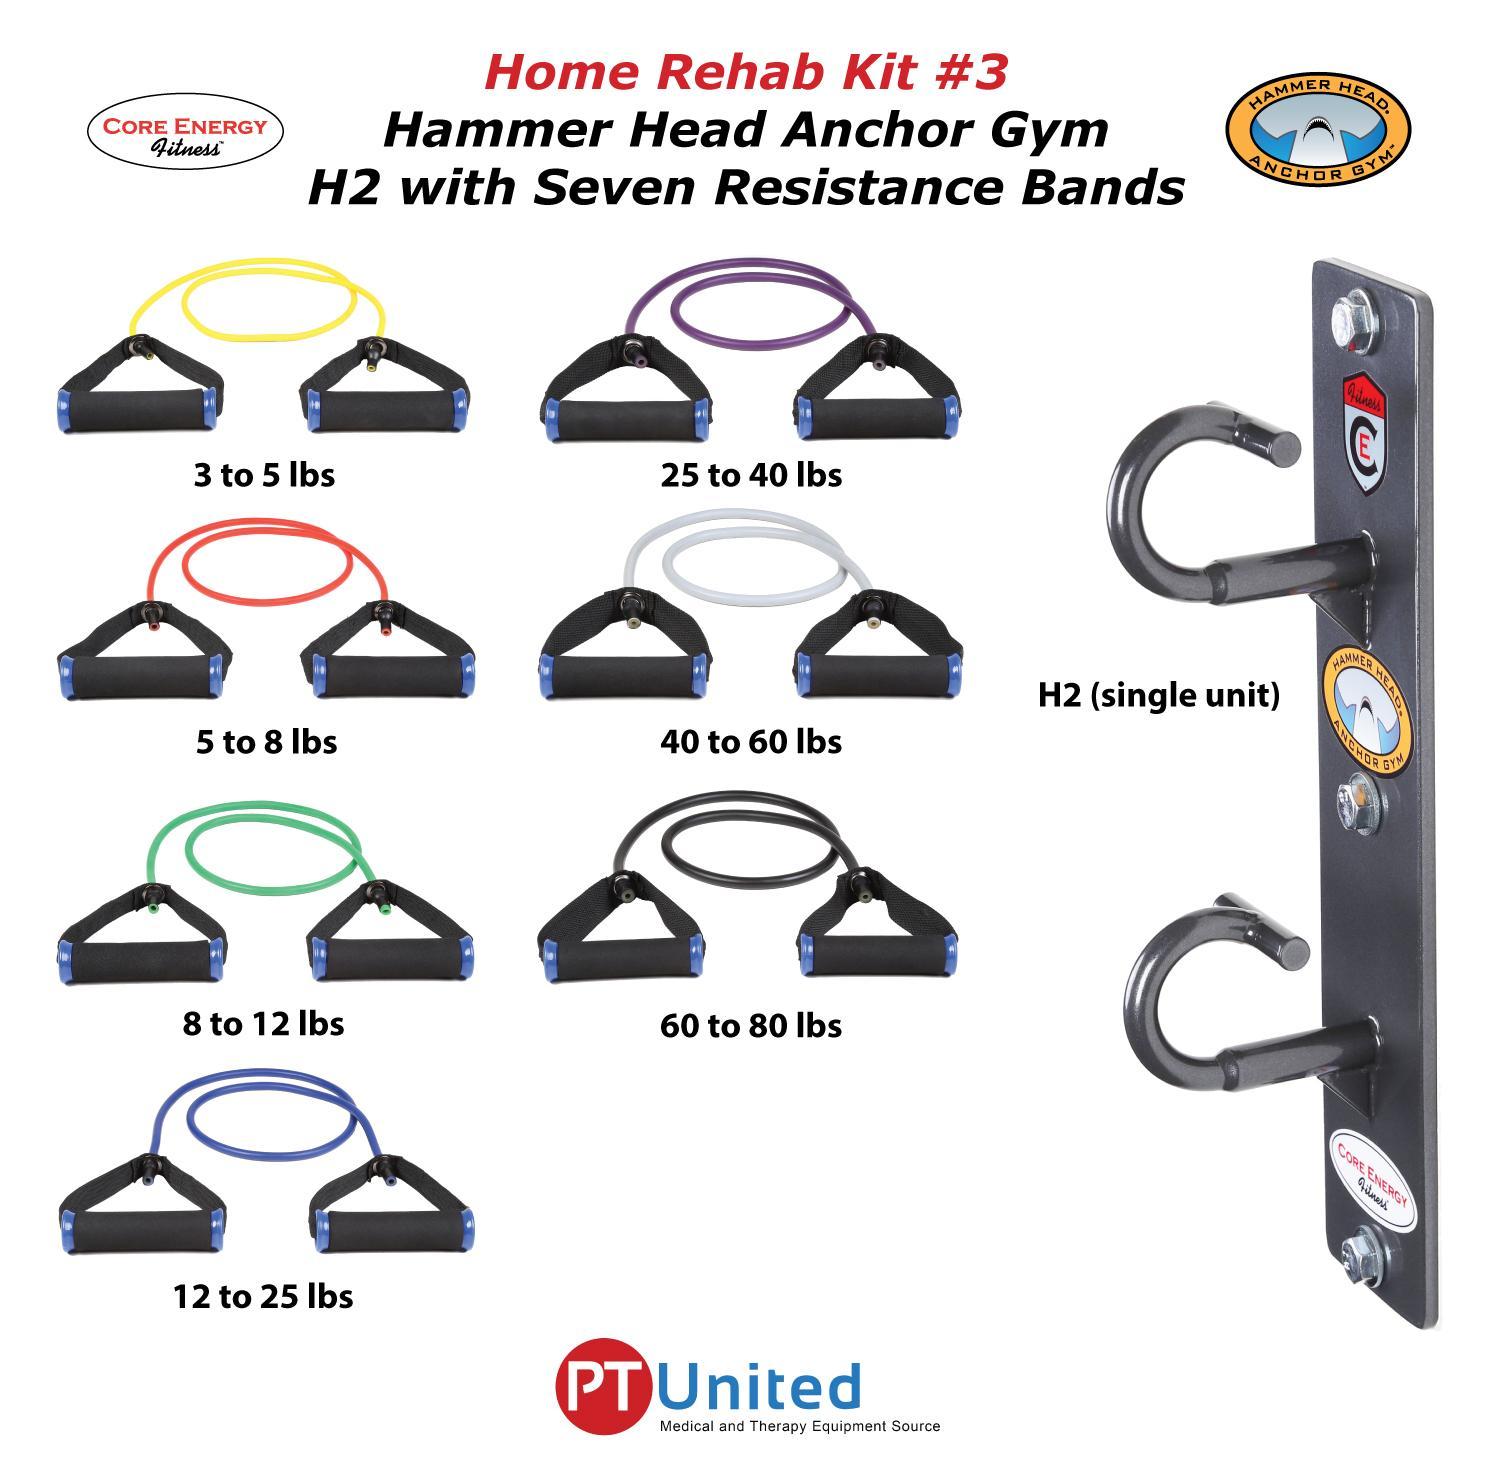 H2 Home Rehab Kit 3, H2 & 7 Bands